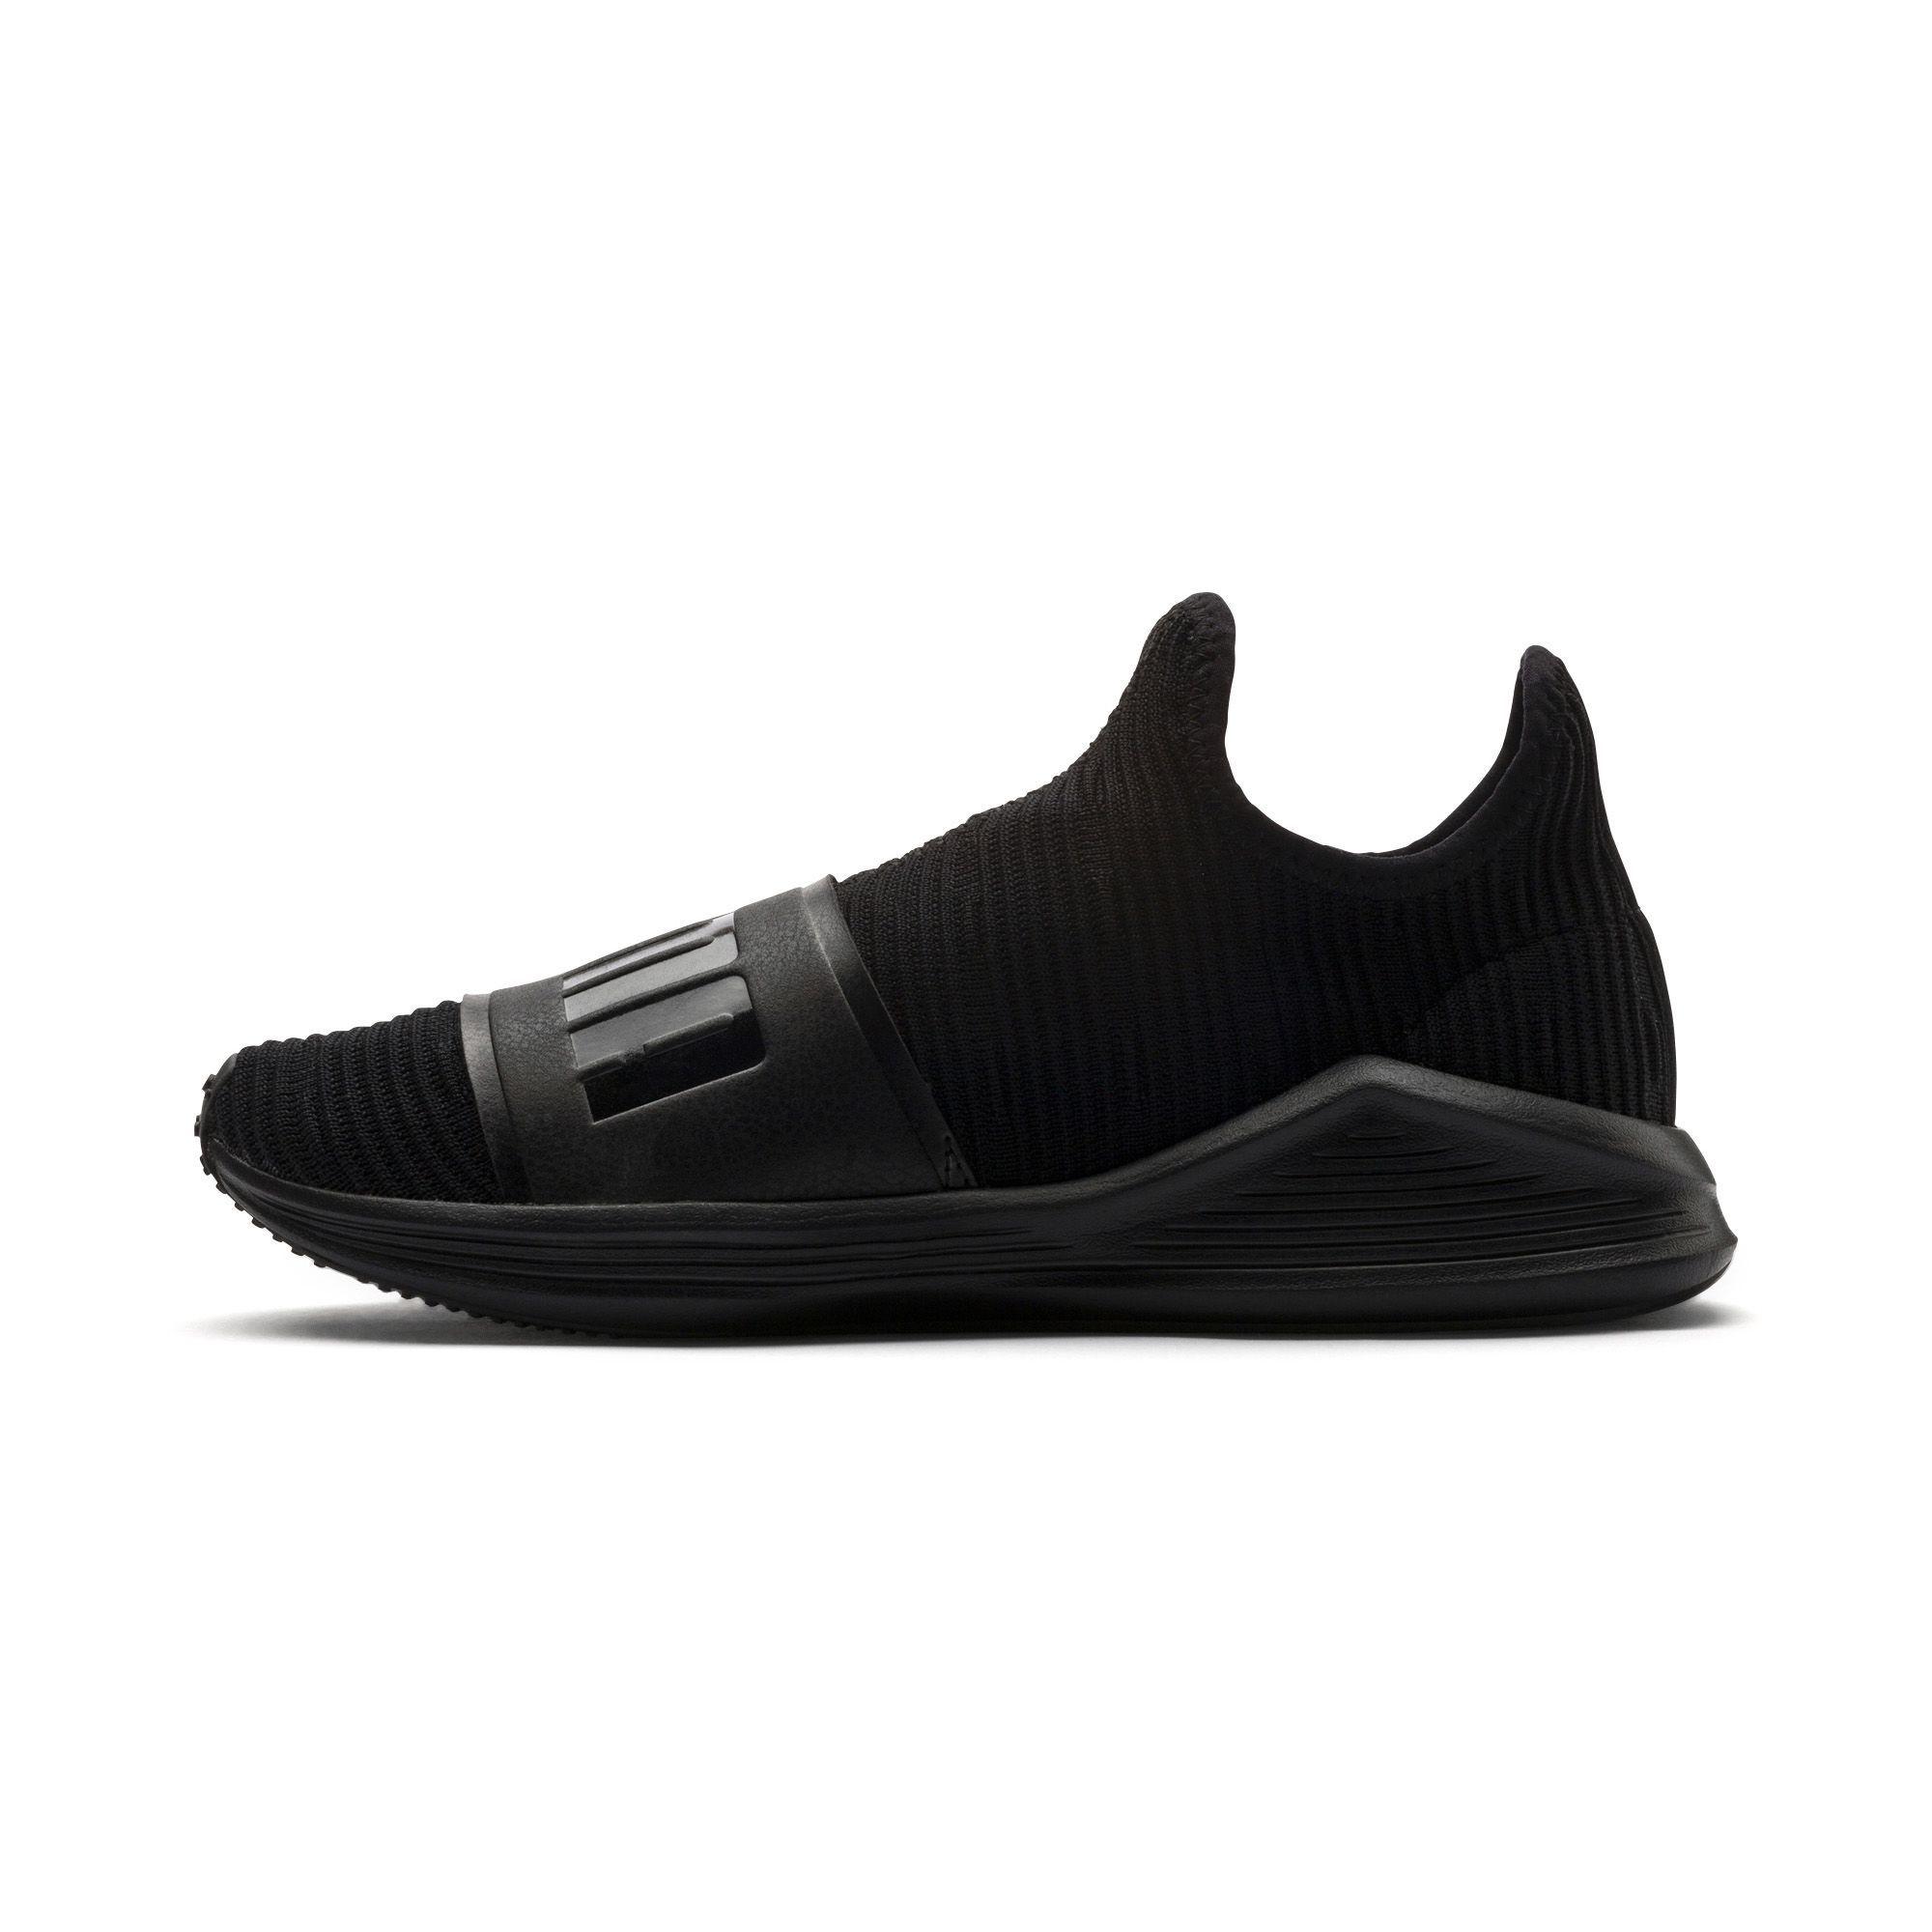 19ee7b4ebeb Fierce Slide Women s Sneakers in 2018